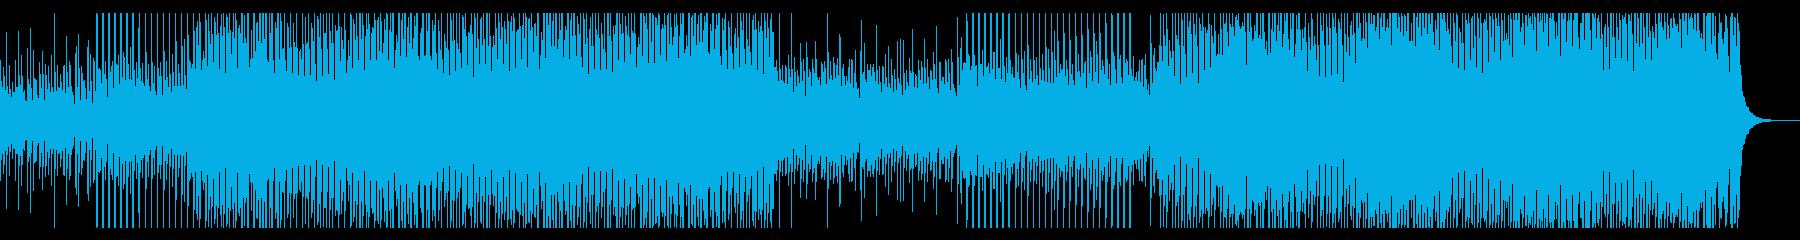 アップビートでハッピーポップの再生済みの波形